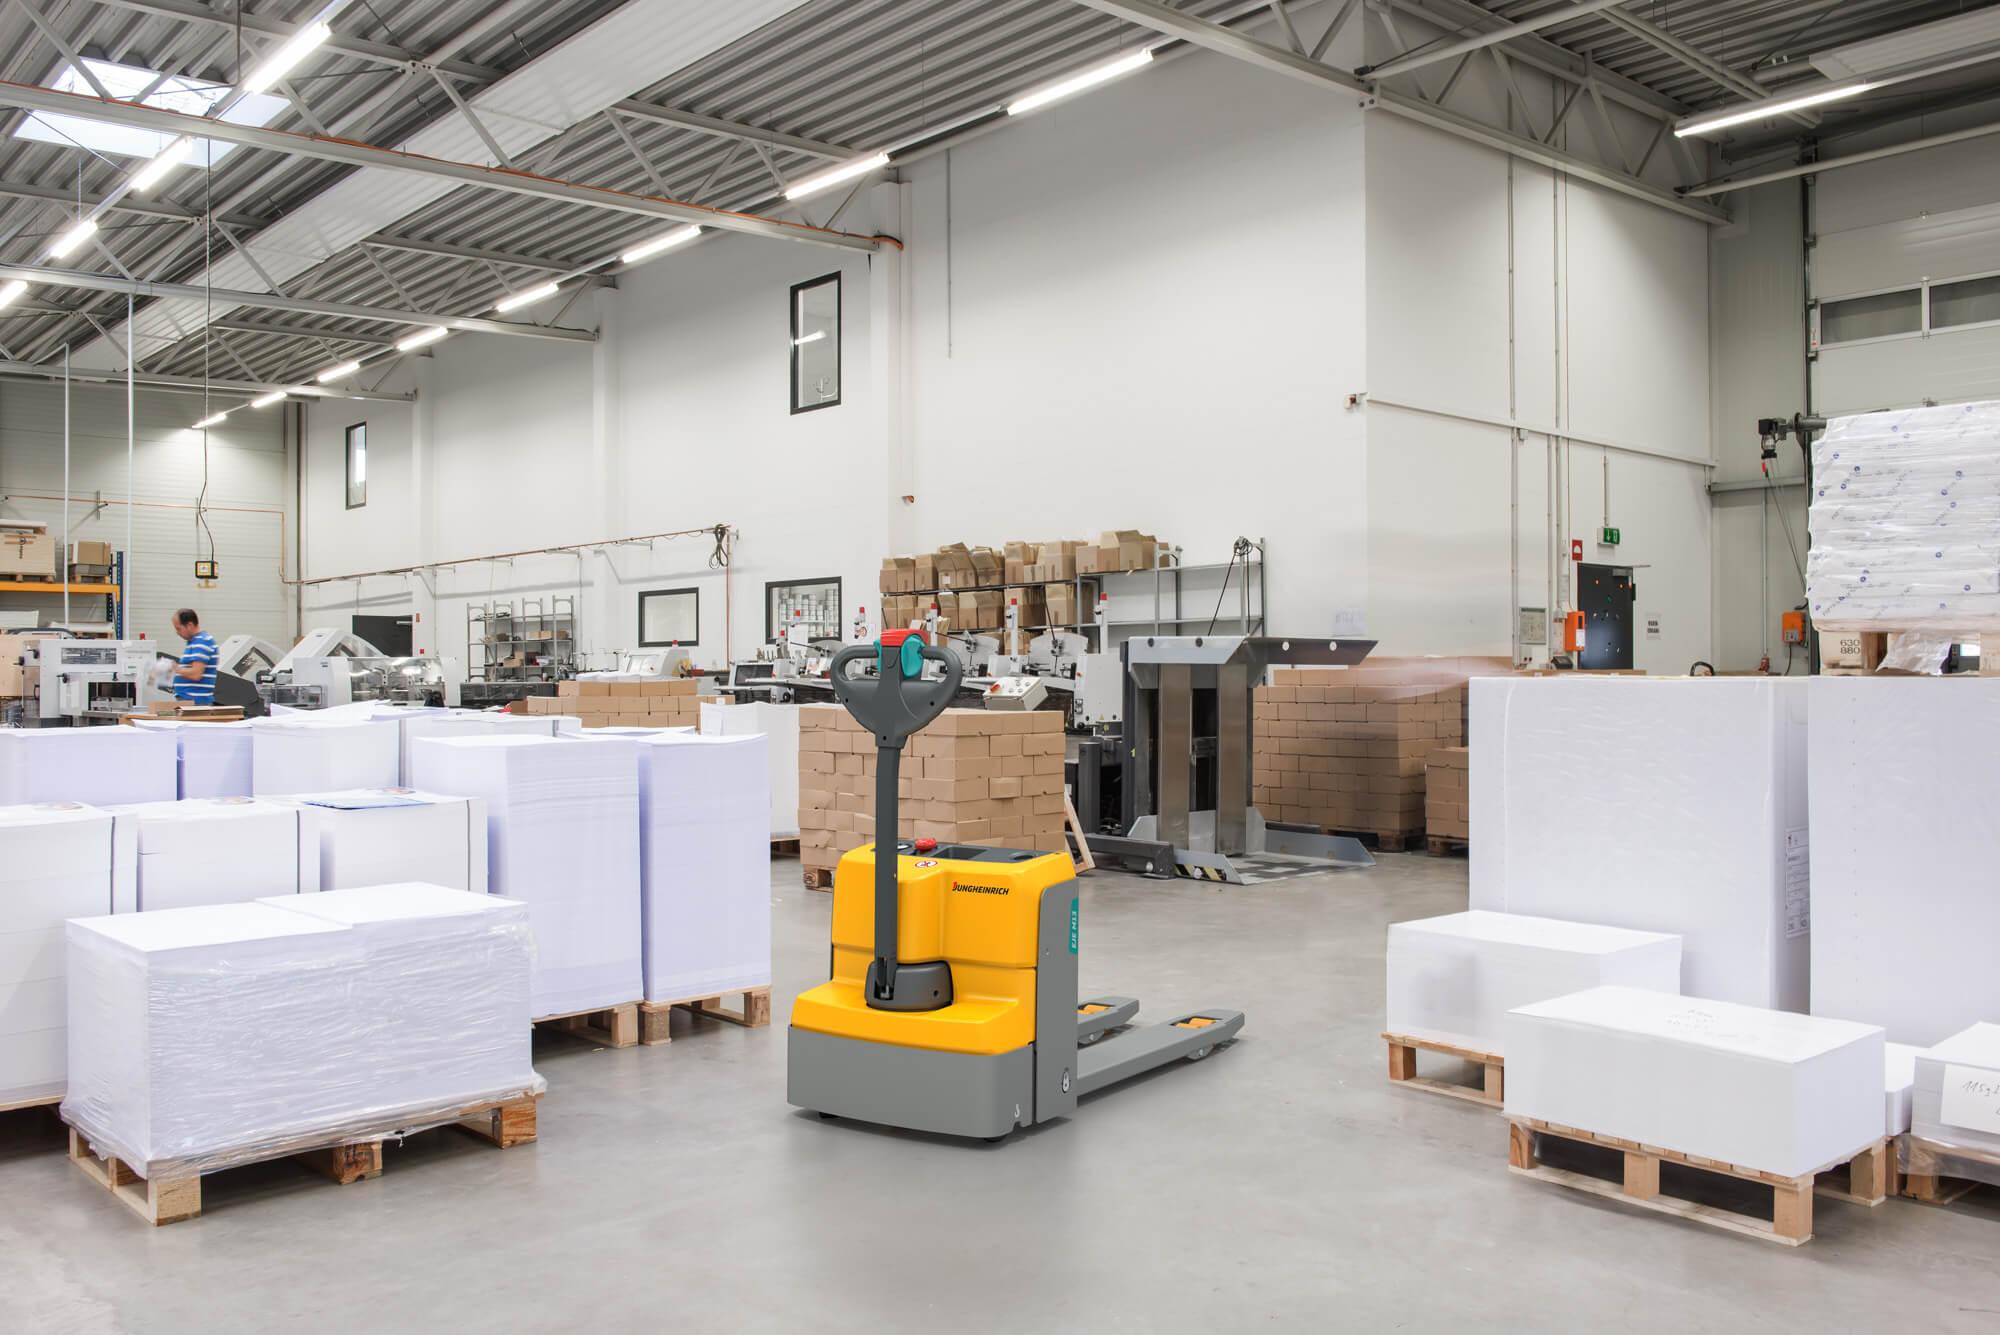 Jungheinrich EJC steht in Druckerei umgeben von Paletten mit Papier